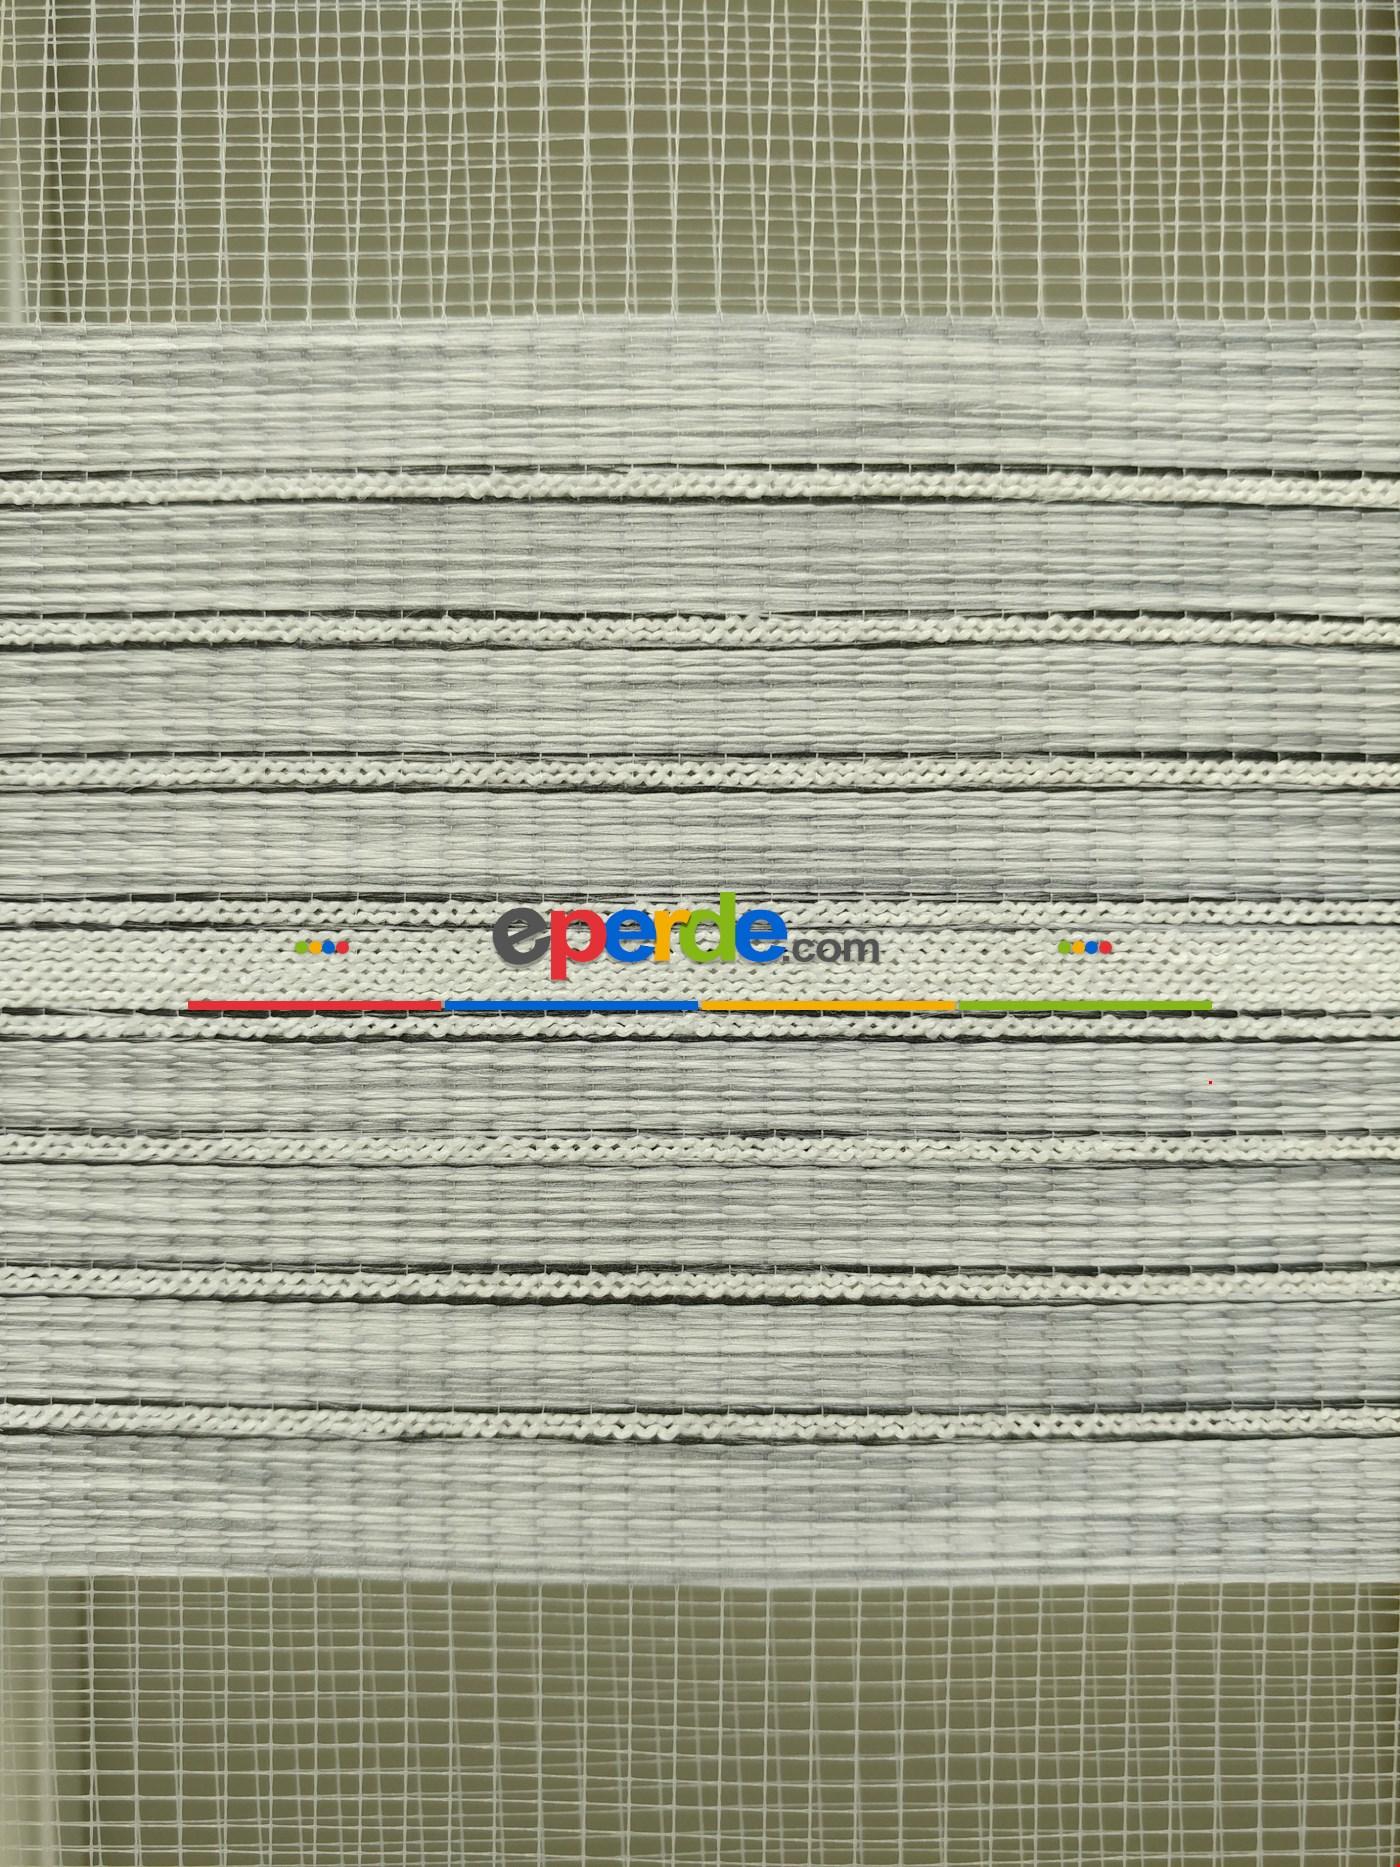 Zebra Perde - Nehir Gri Renk Bambu (geçiş Zeminli)